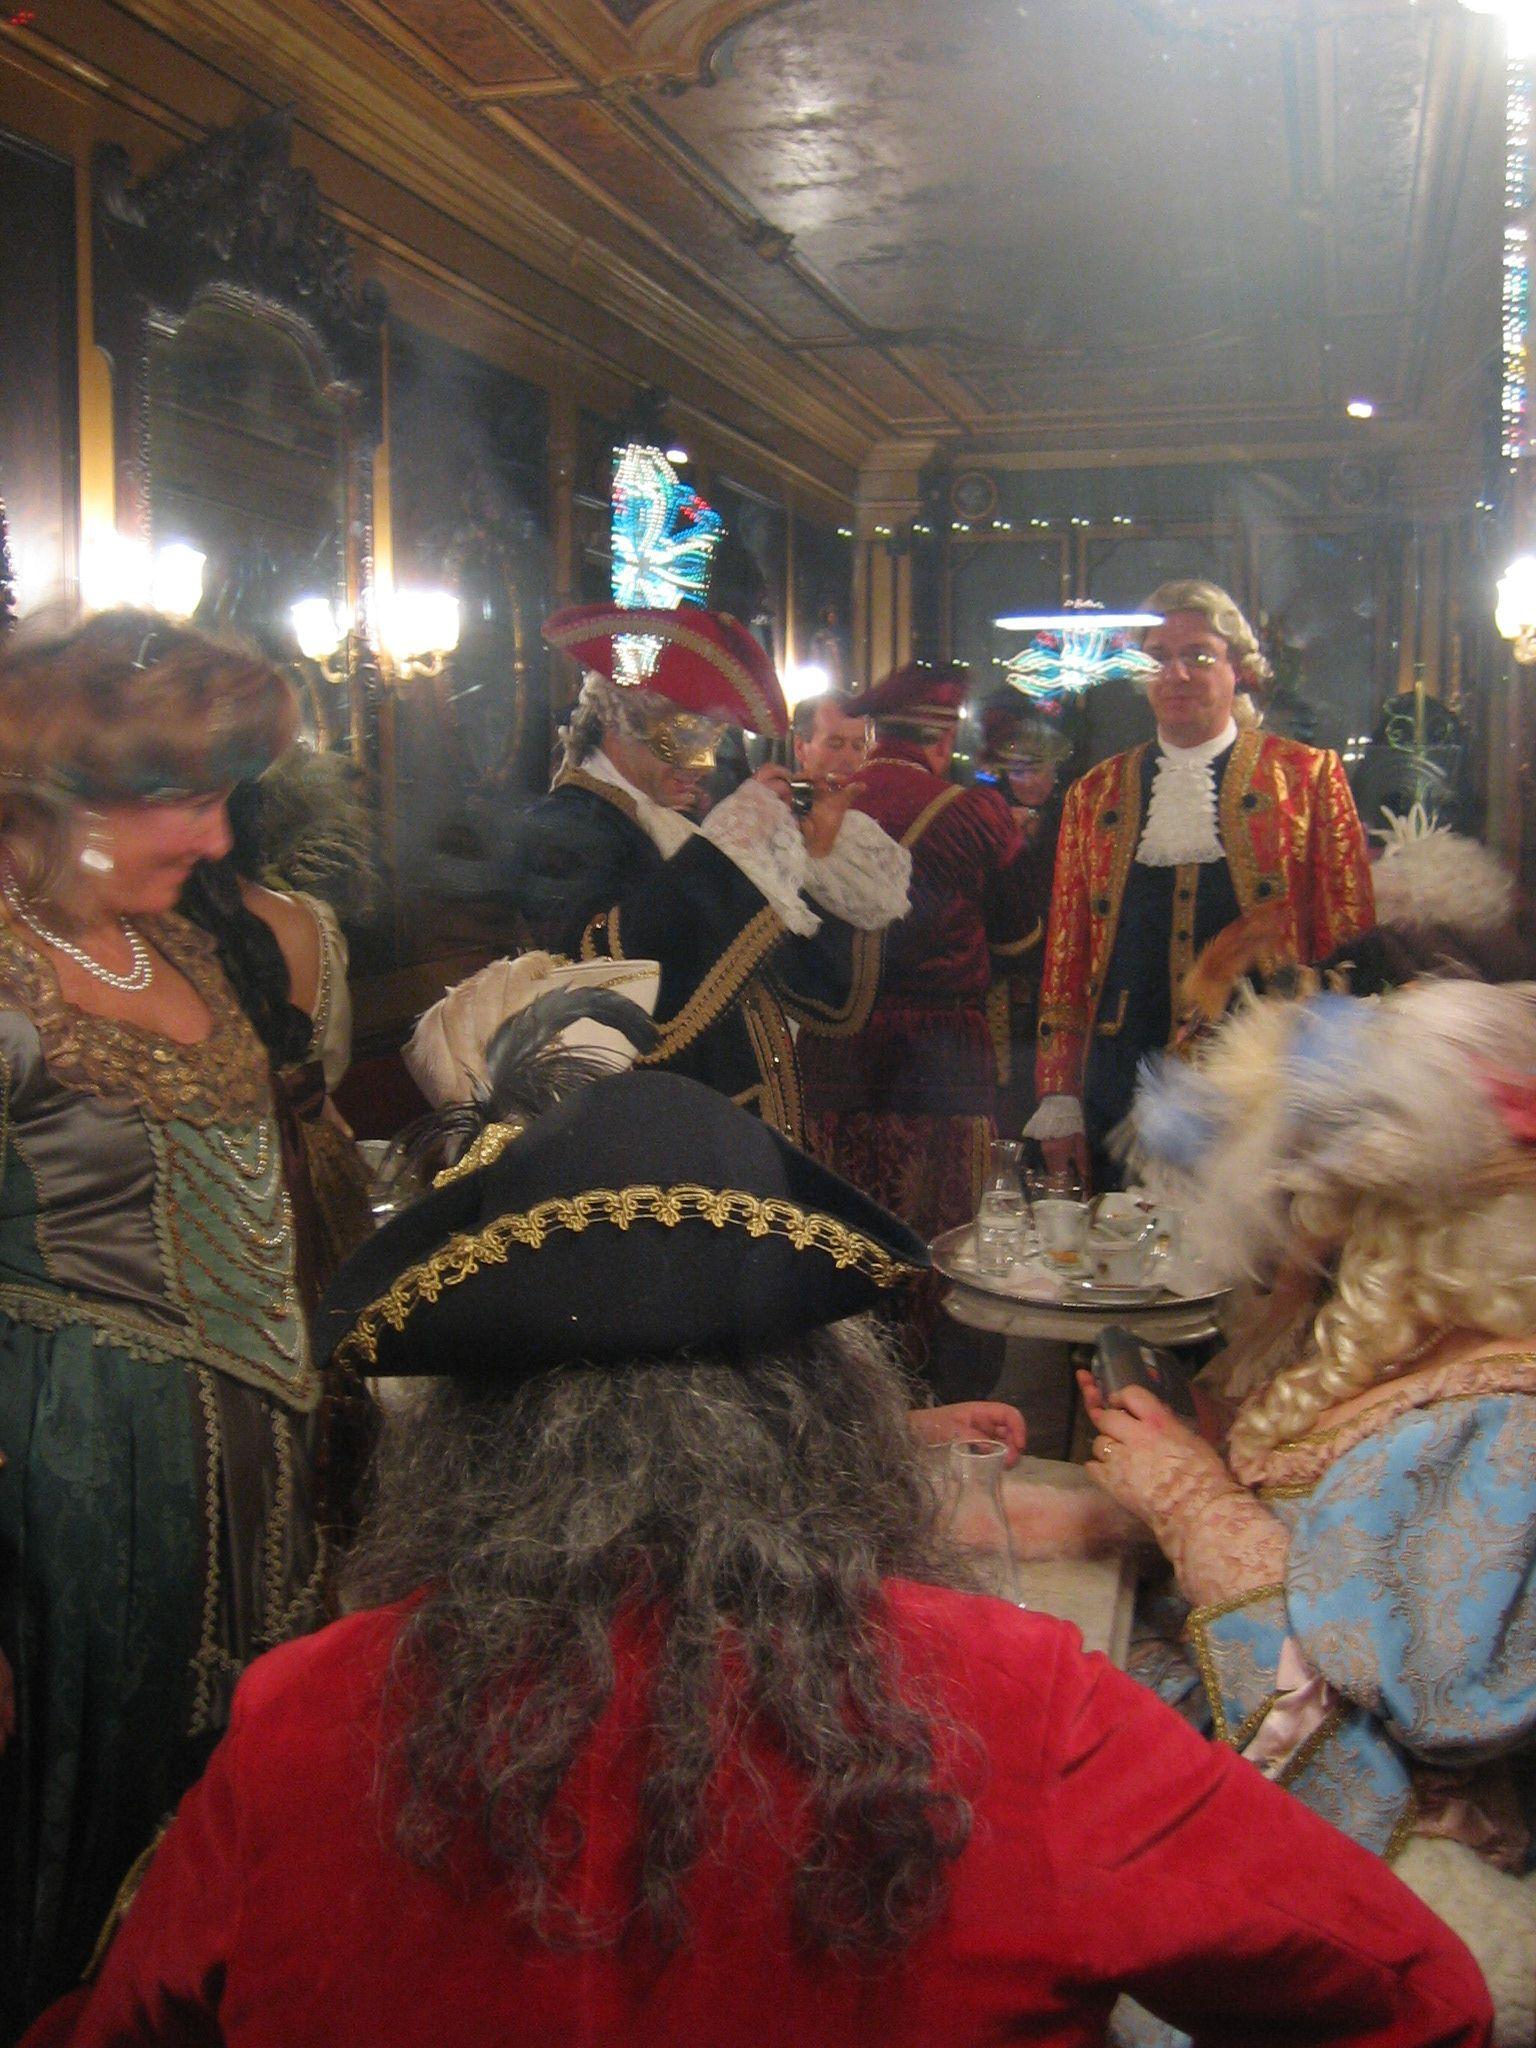 Venezia - carnevale al Caffè Florian